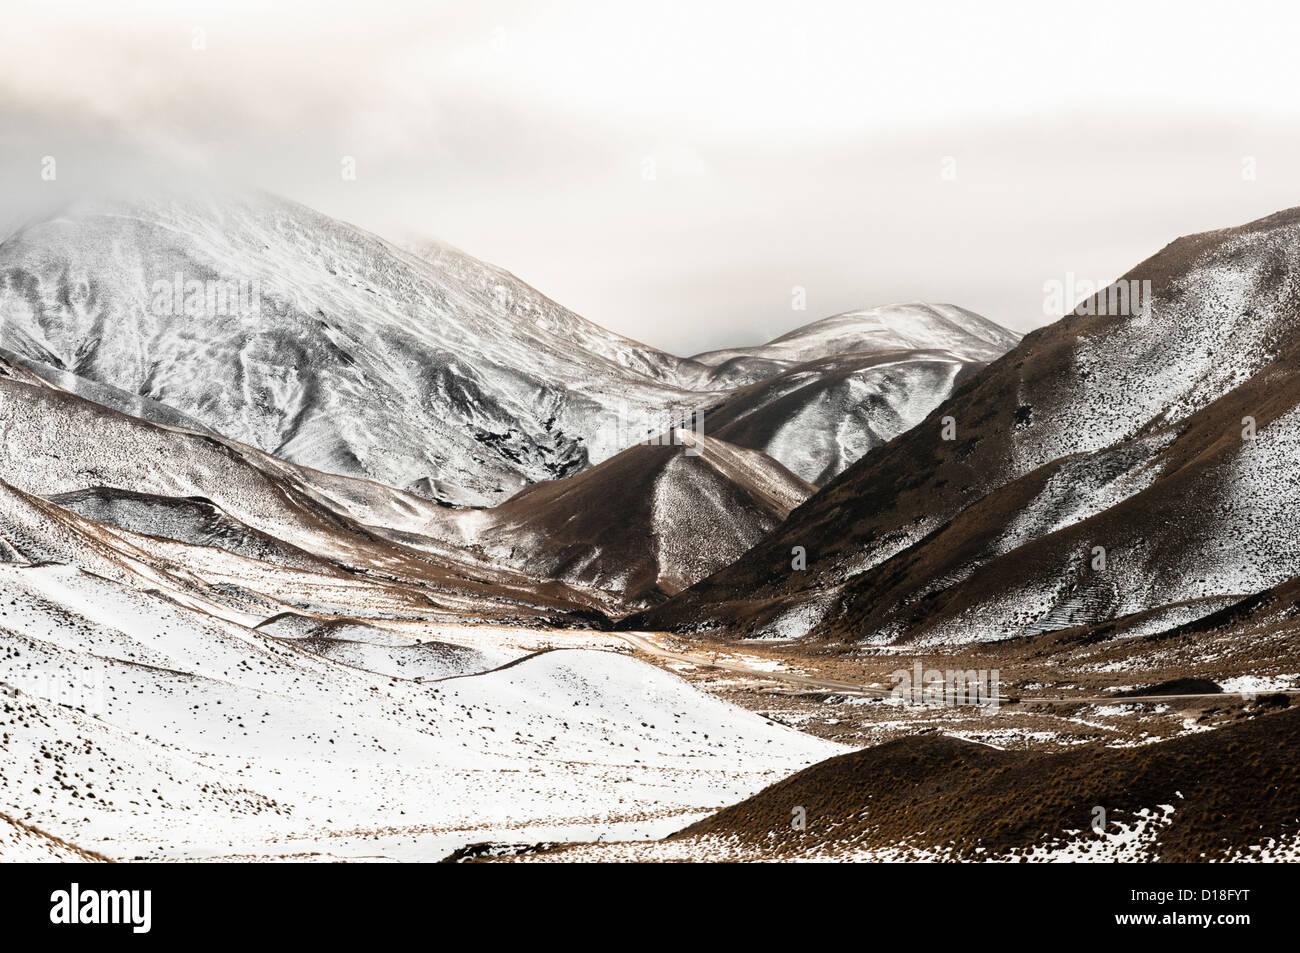 Col de montagne pavée in rural landscape Photo Stock